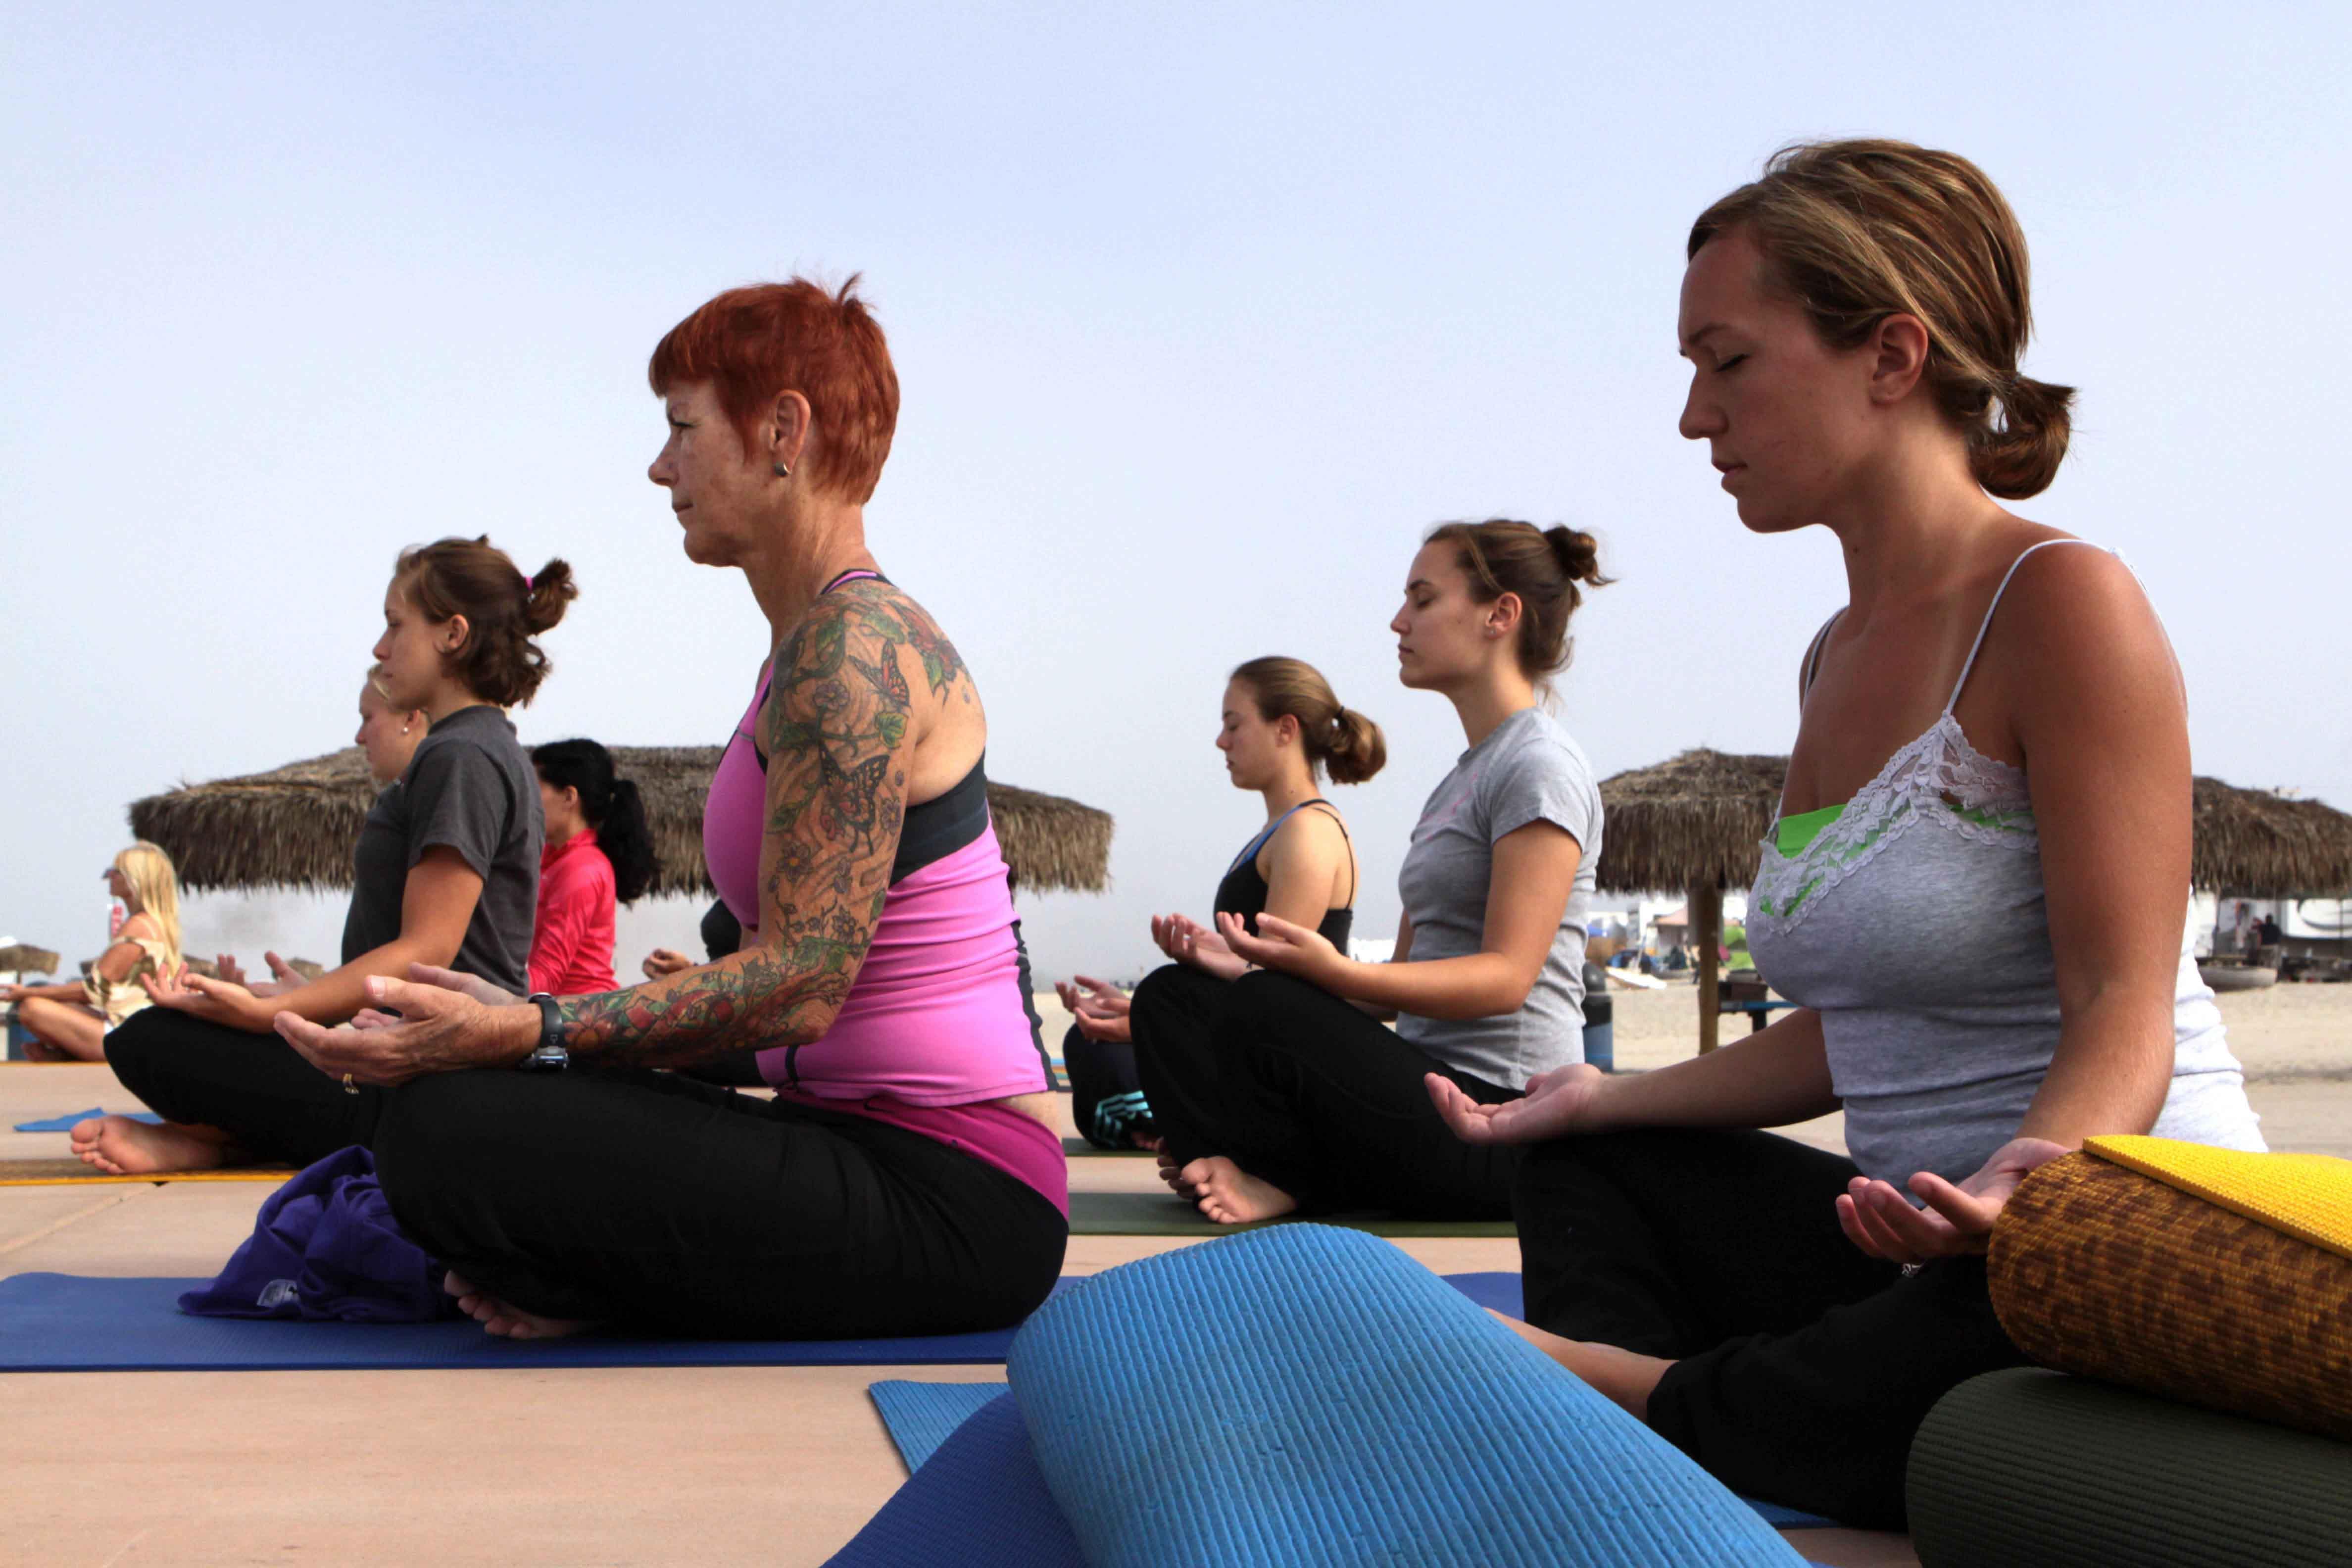 Mujeres practicando pilates al aire libre